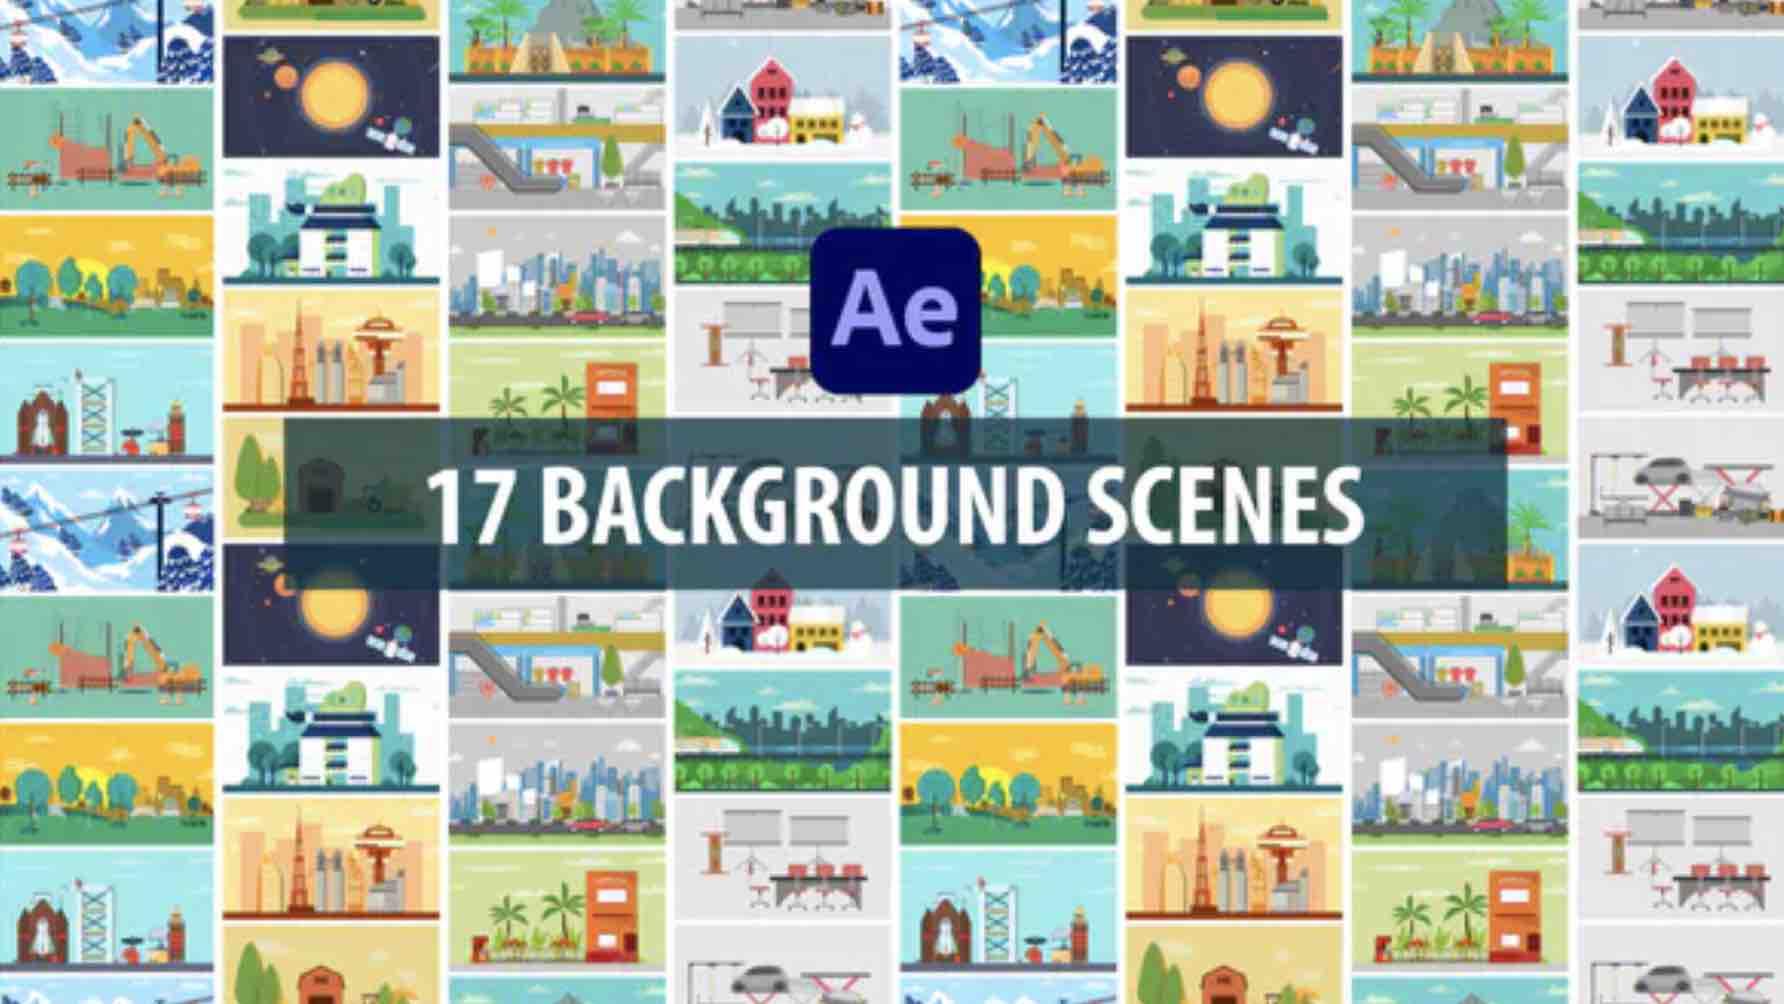 %title插图%num零号CG视觉平台AE模板-17个背景元素MG动画